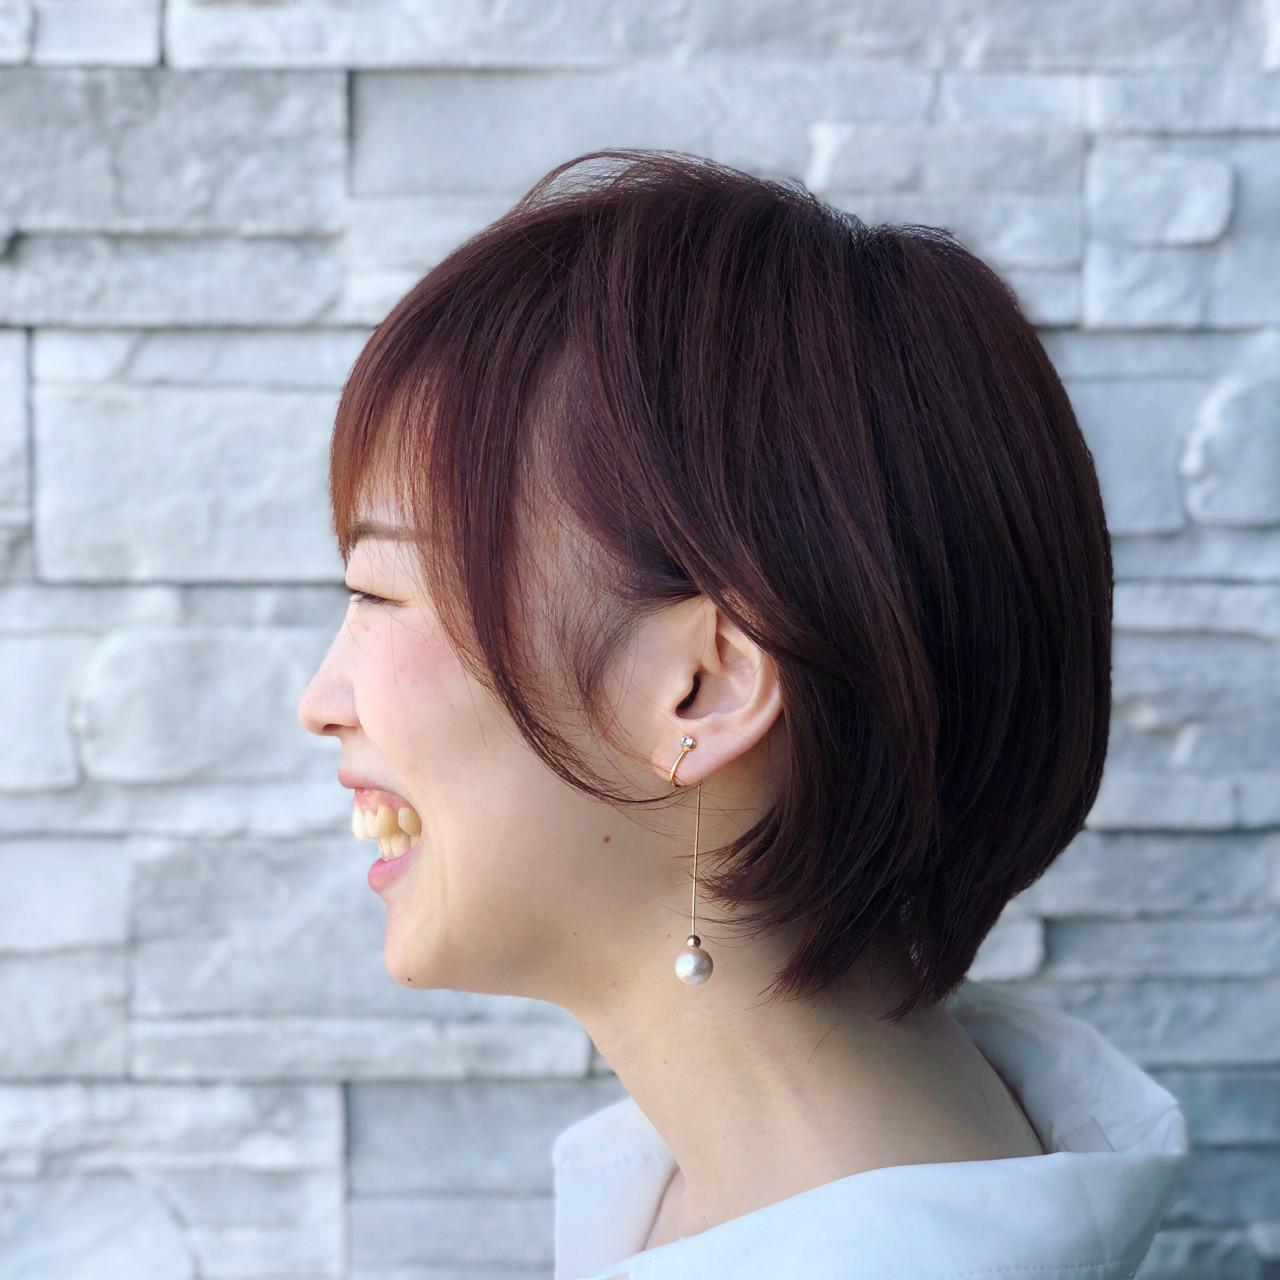 耳かけ イルミナカラー ナチュラル ショート ヘアスタイルや髪型の写真・画像